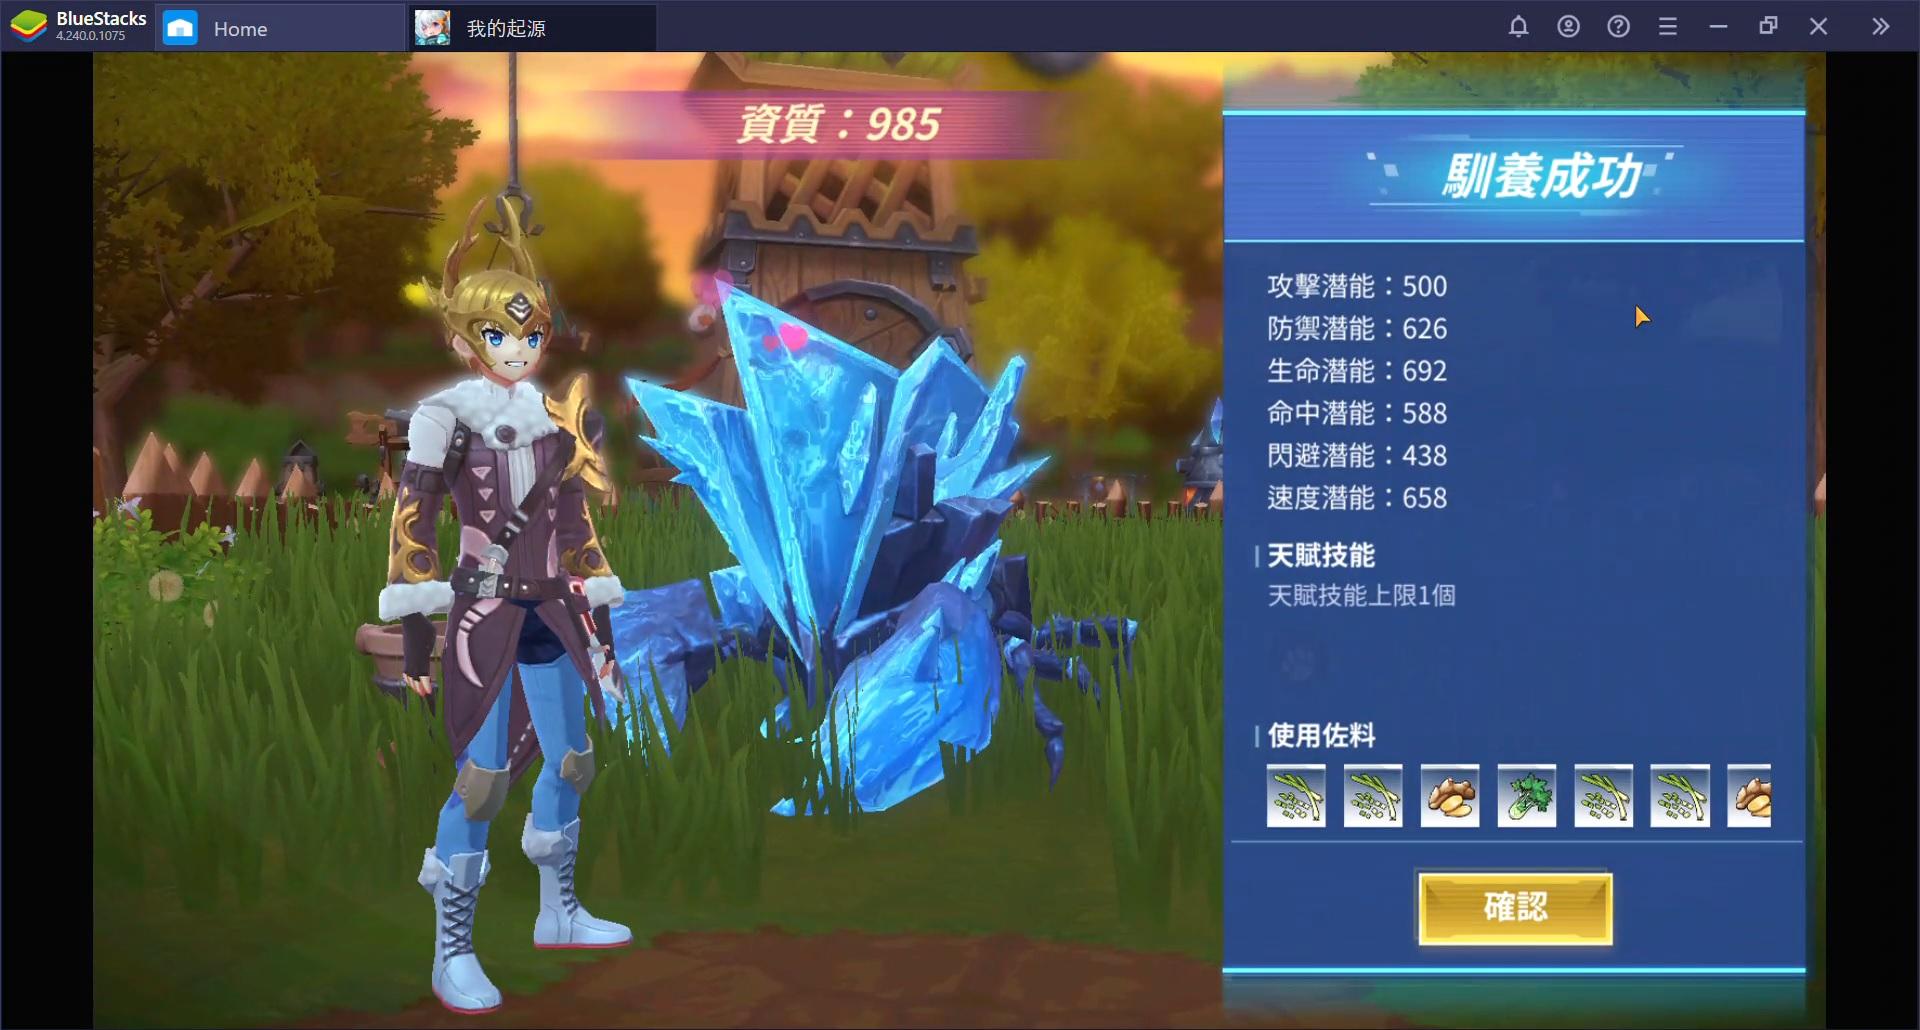 使用BlueStacks在PC上體驗大世界狩獵探索遊戲《我的起源》